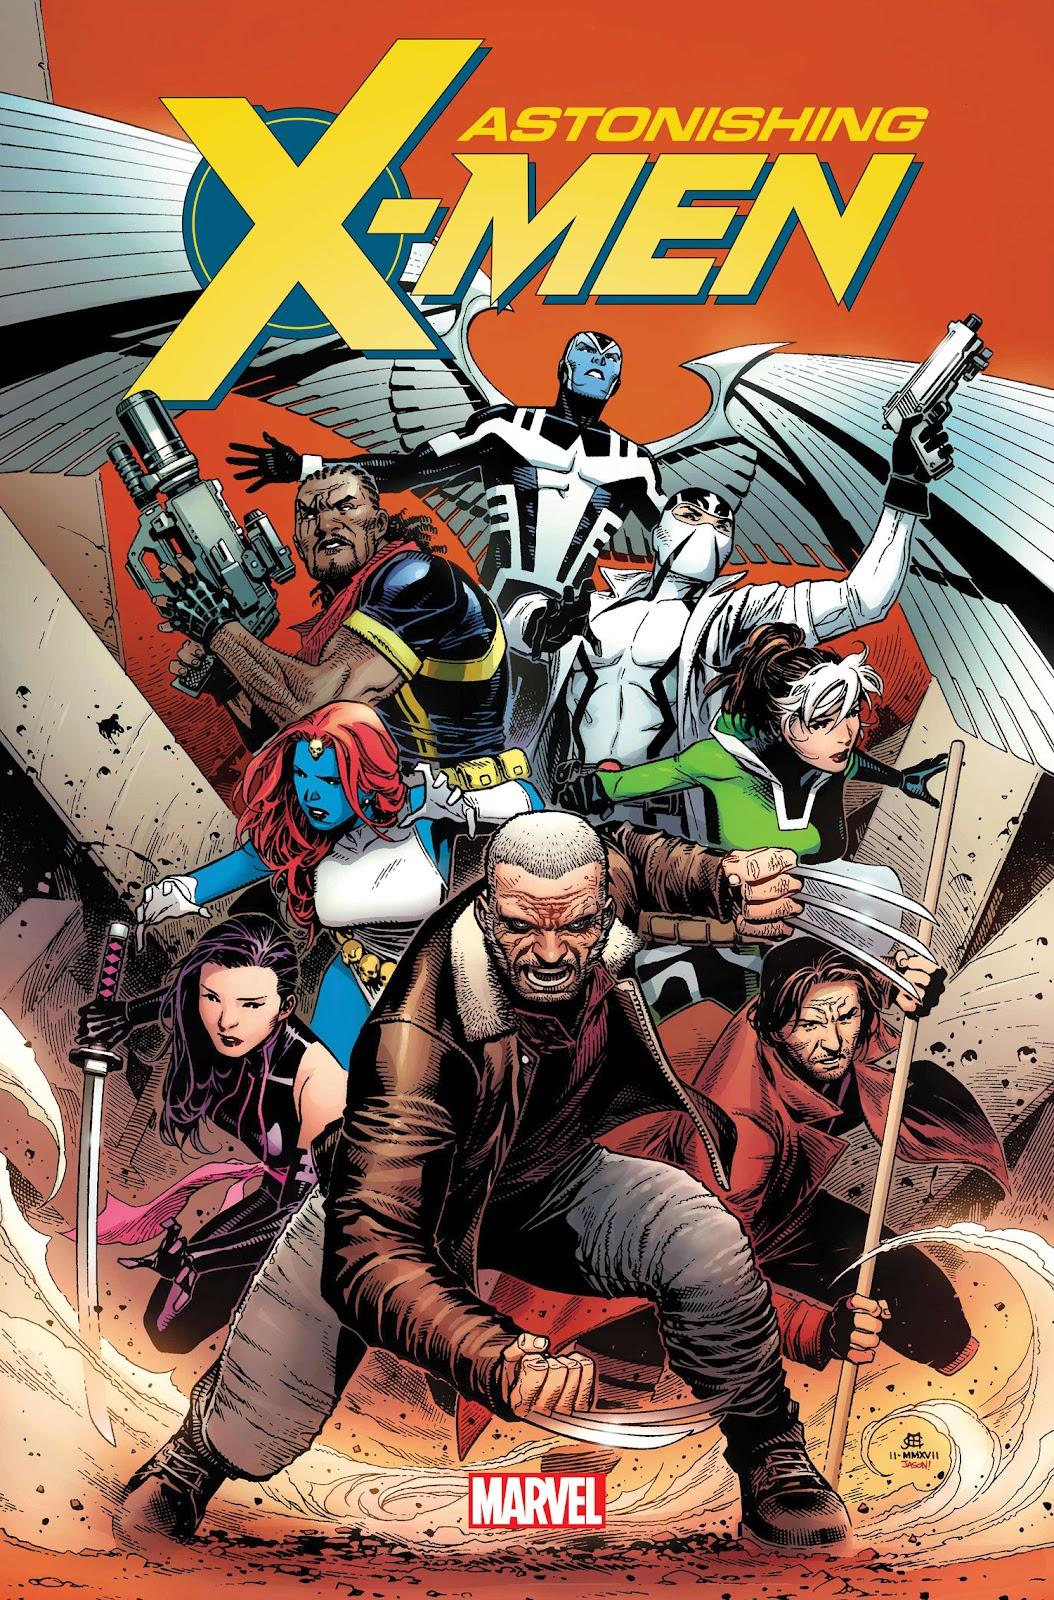 Astonishing_X-Men_1_Cover.jpg